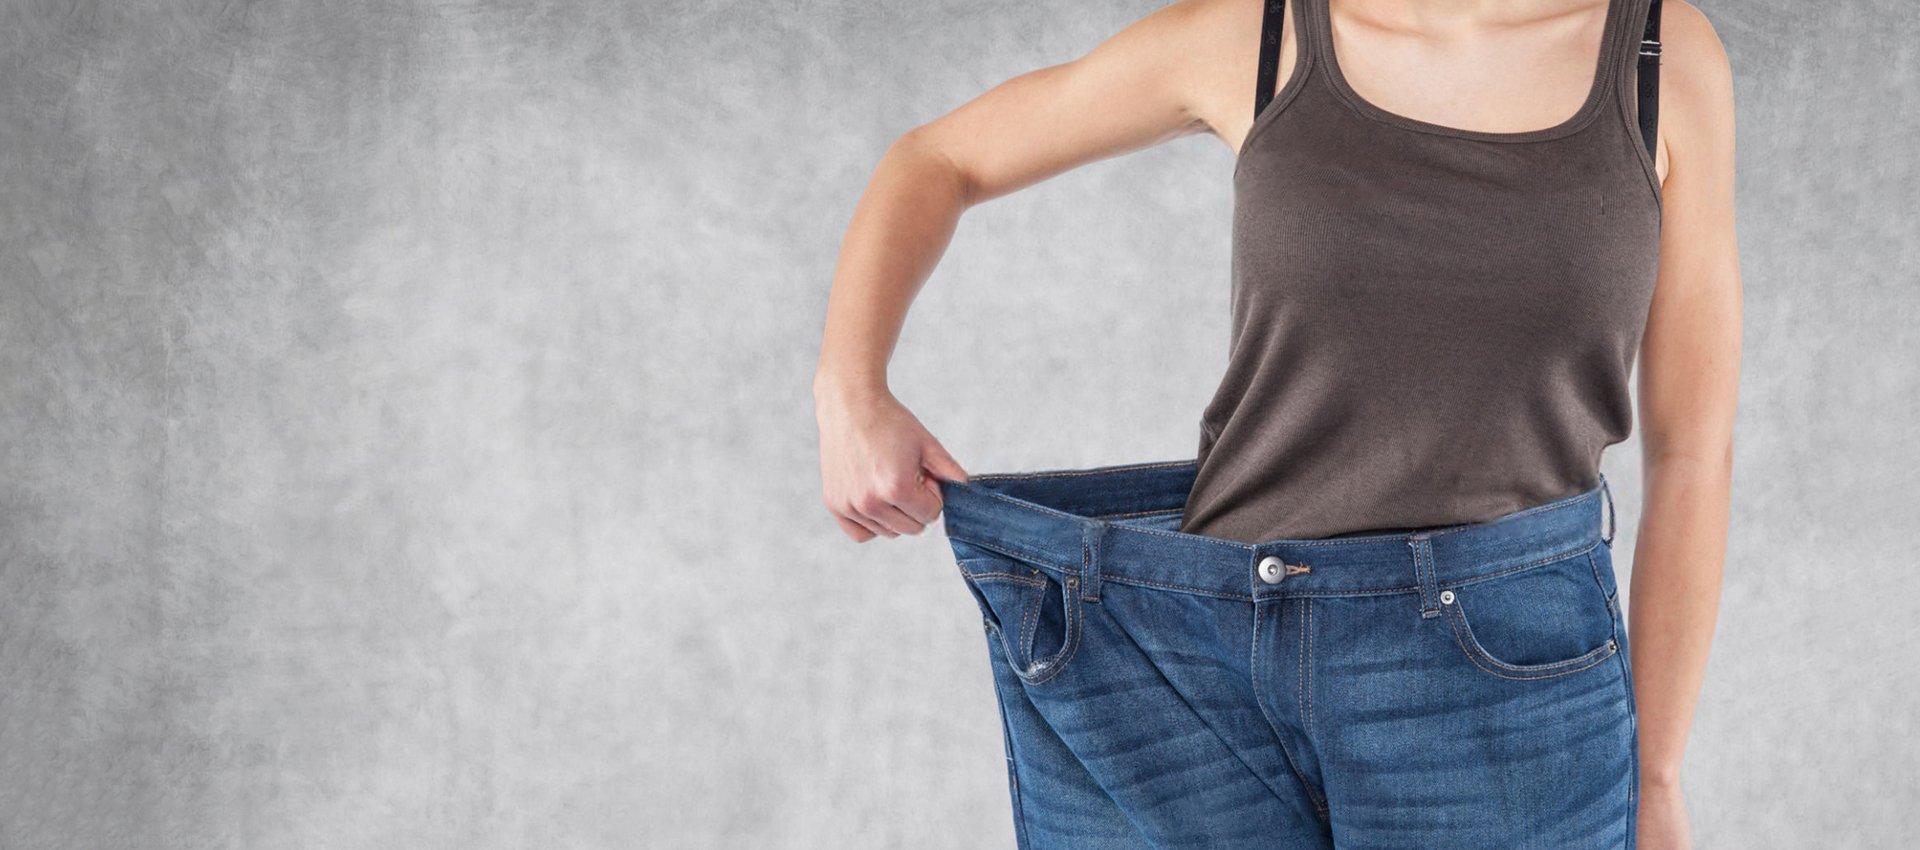 Pierde peso y mejora tu salud